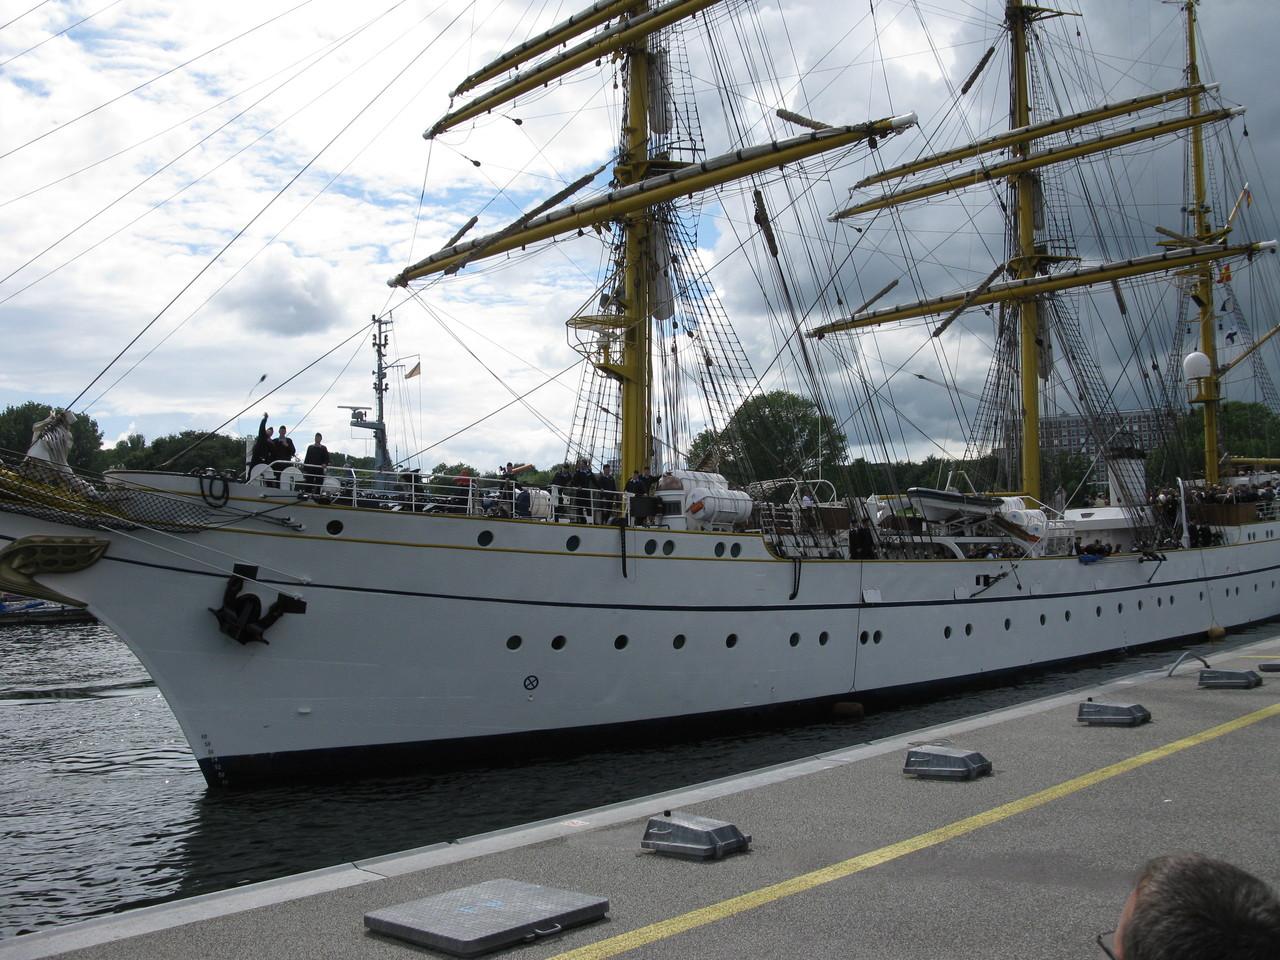 Gorch Fock Segelschulschiff der Marine